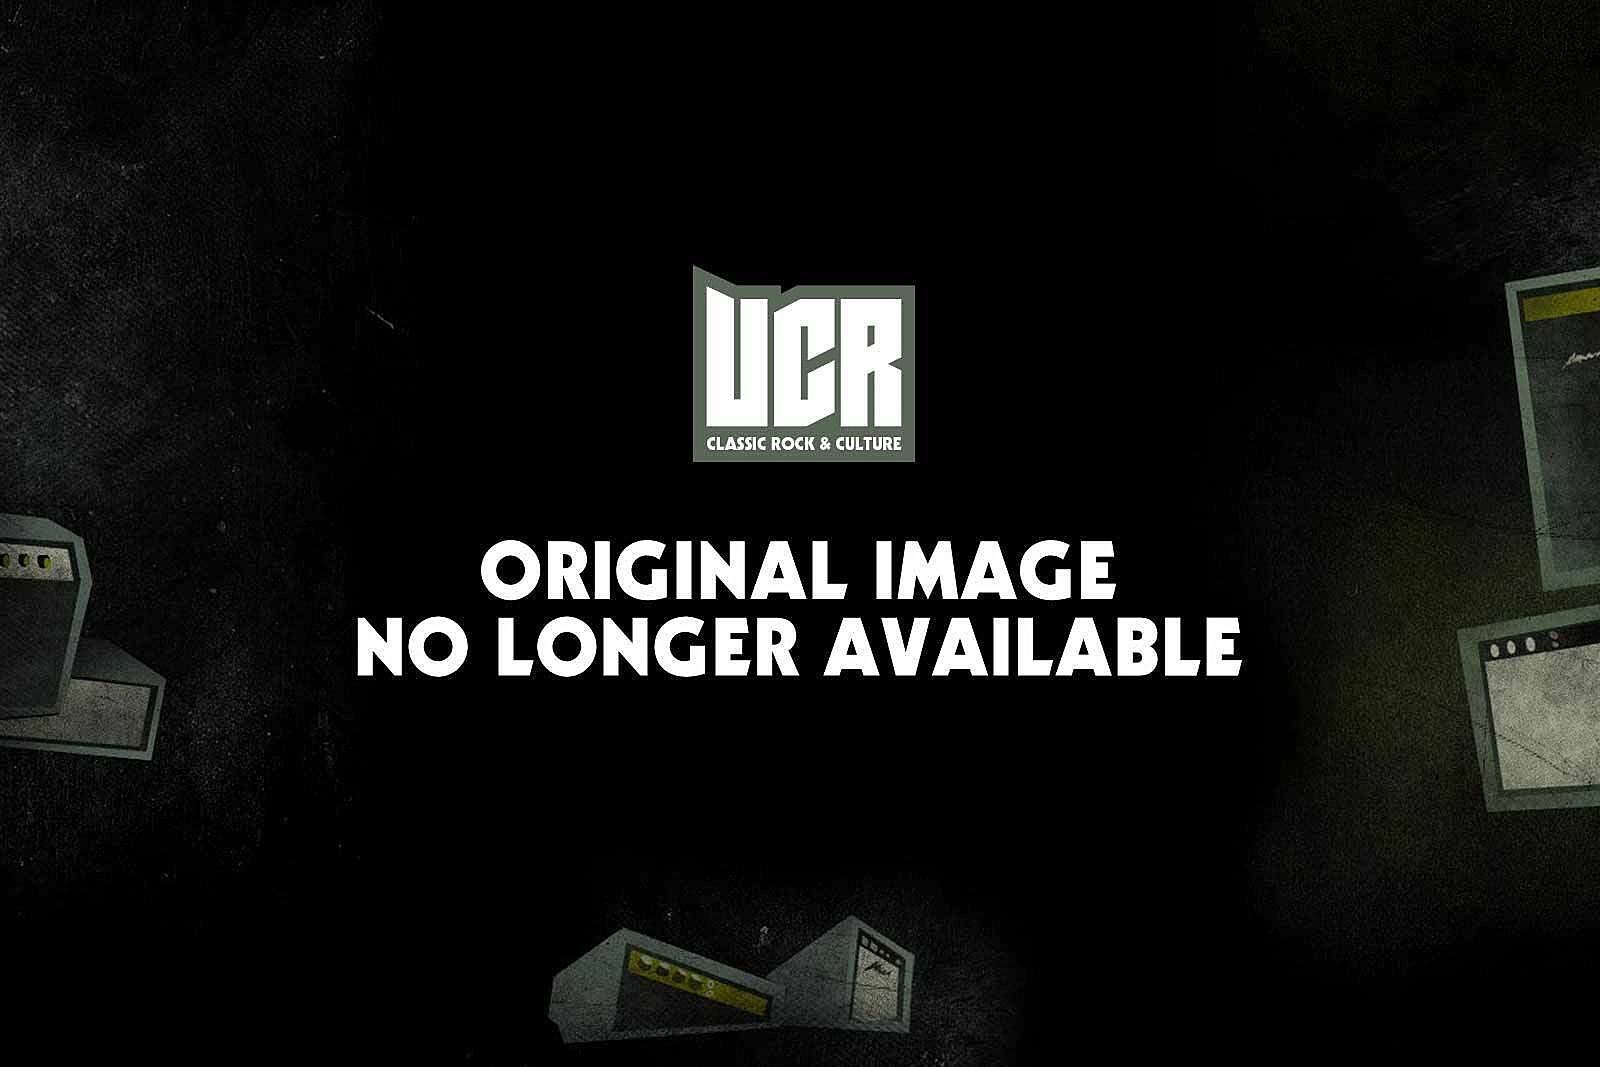 http://wac.450f.edgecastcdn.net/80450F/ultimateclassicrock.com/files/2012/05/BB.jpg